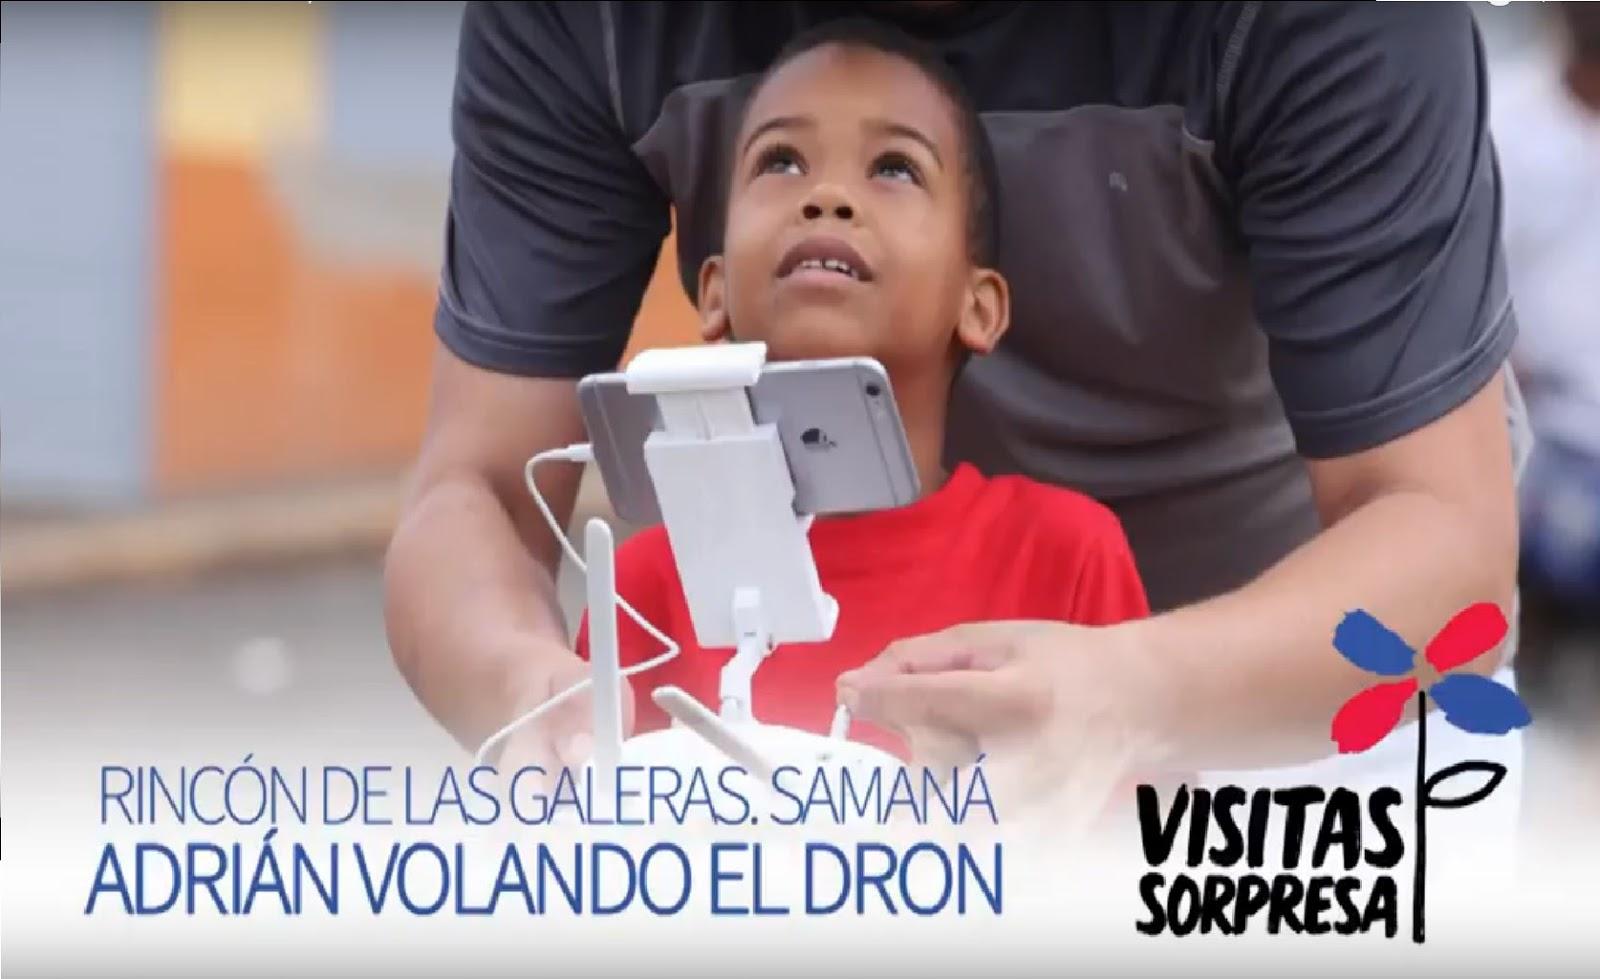 VIDEO: Rincón de Las Galeras, Samaná. Adrián volando el dron